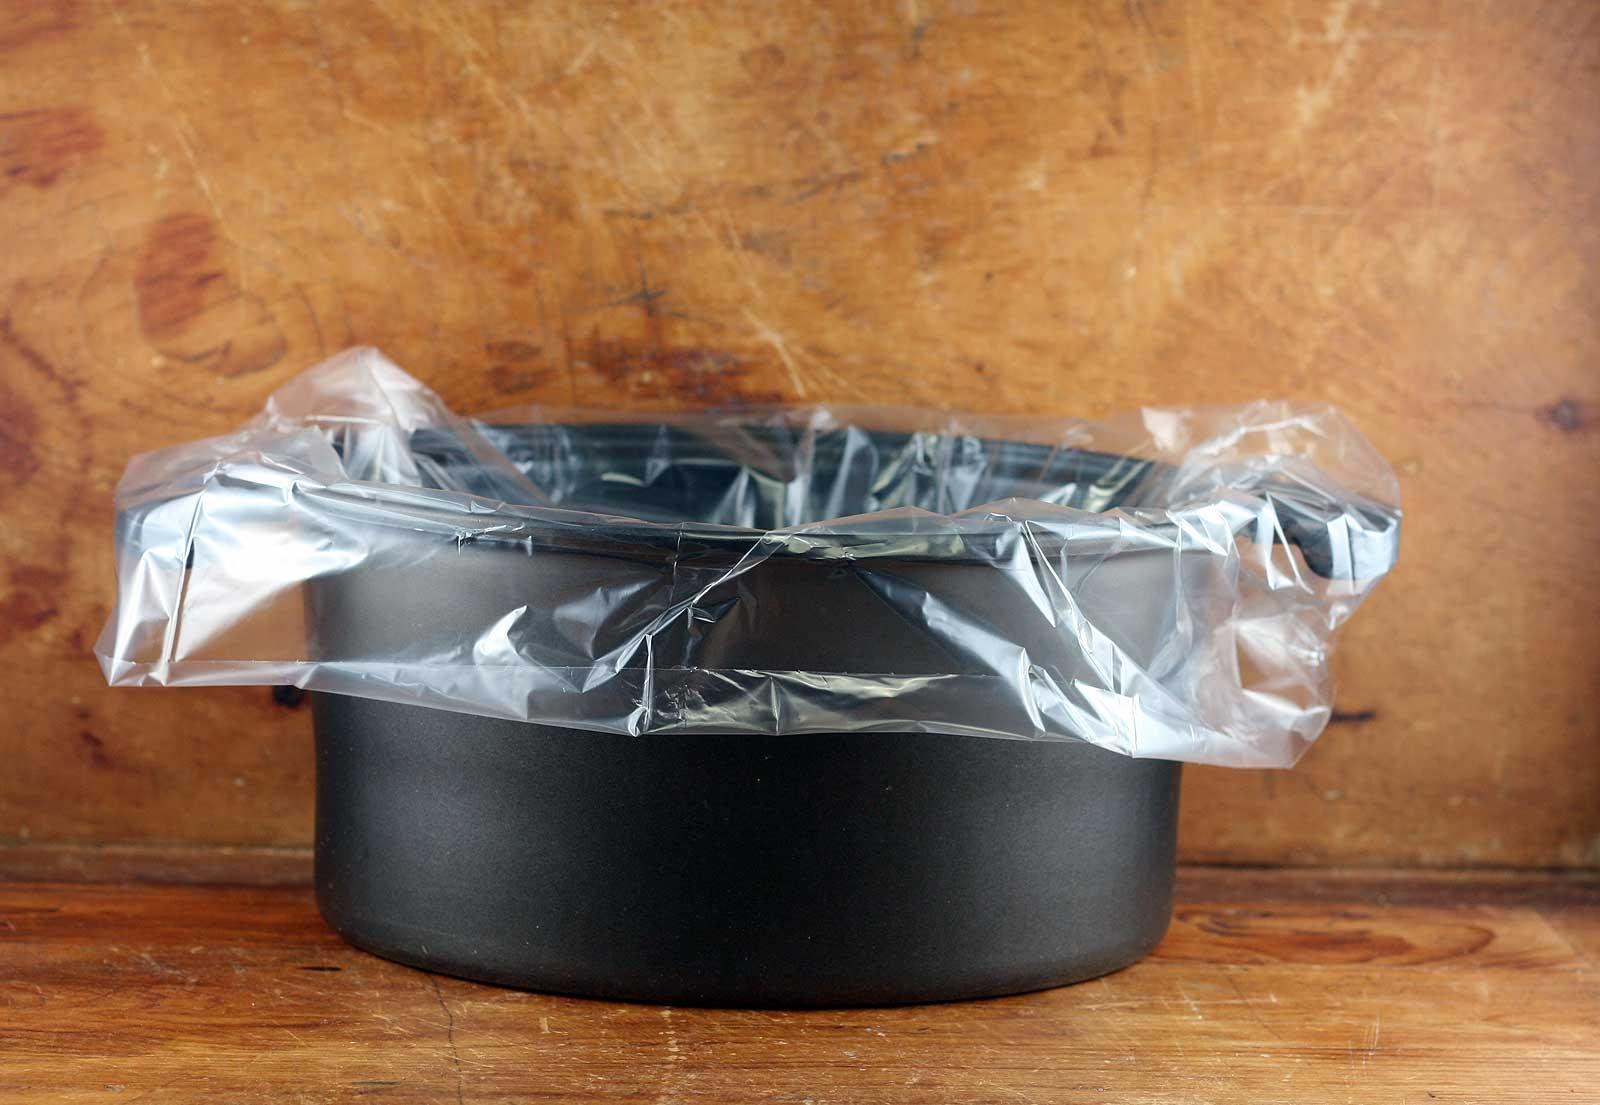 Slow cooker liner on slow cooker crock